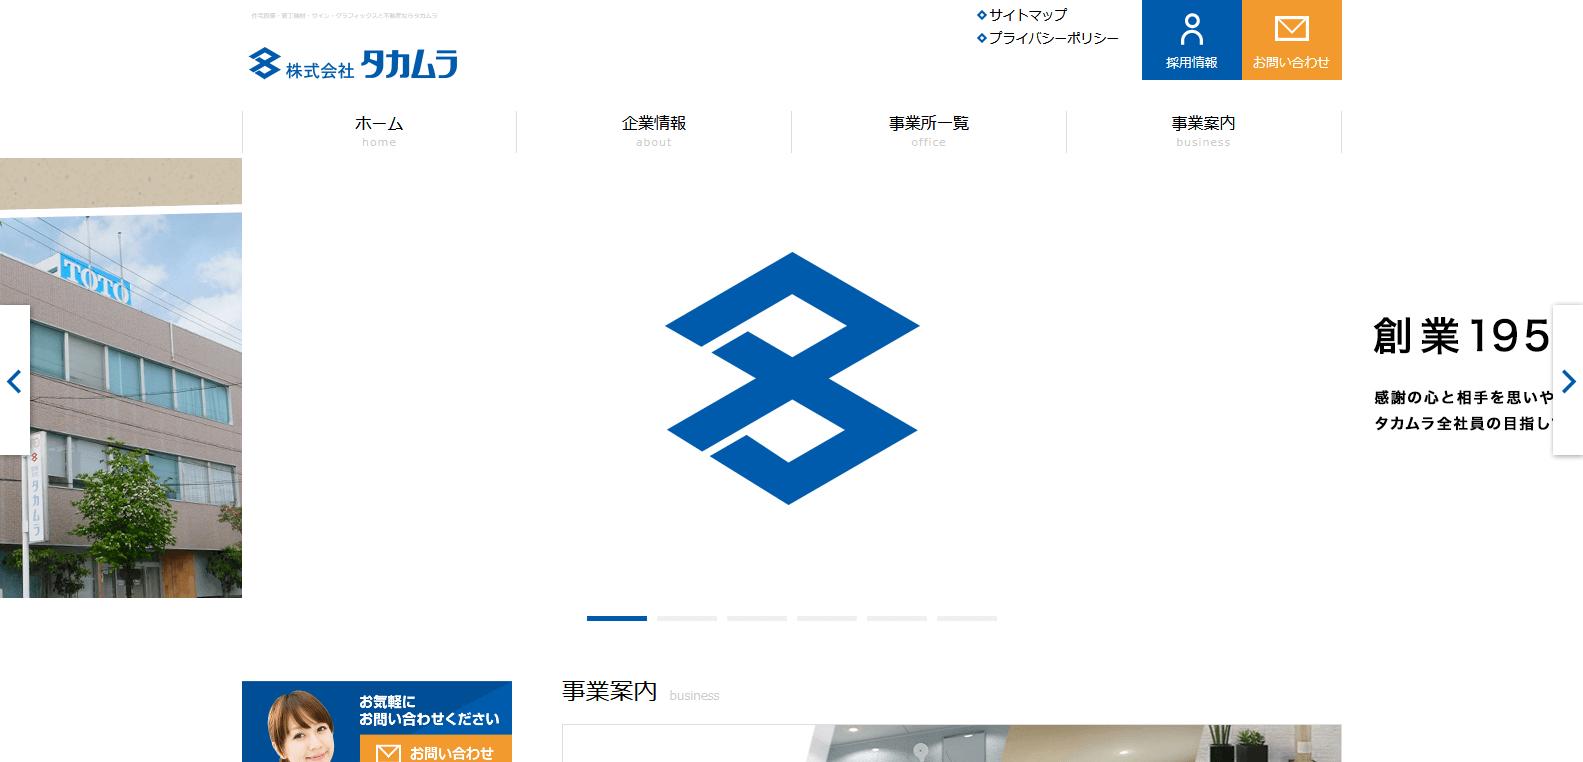 タカムラ様コーポレートサイト